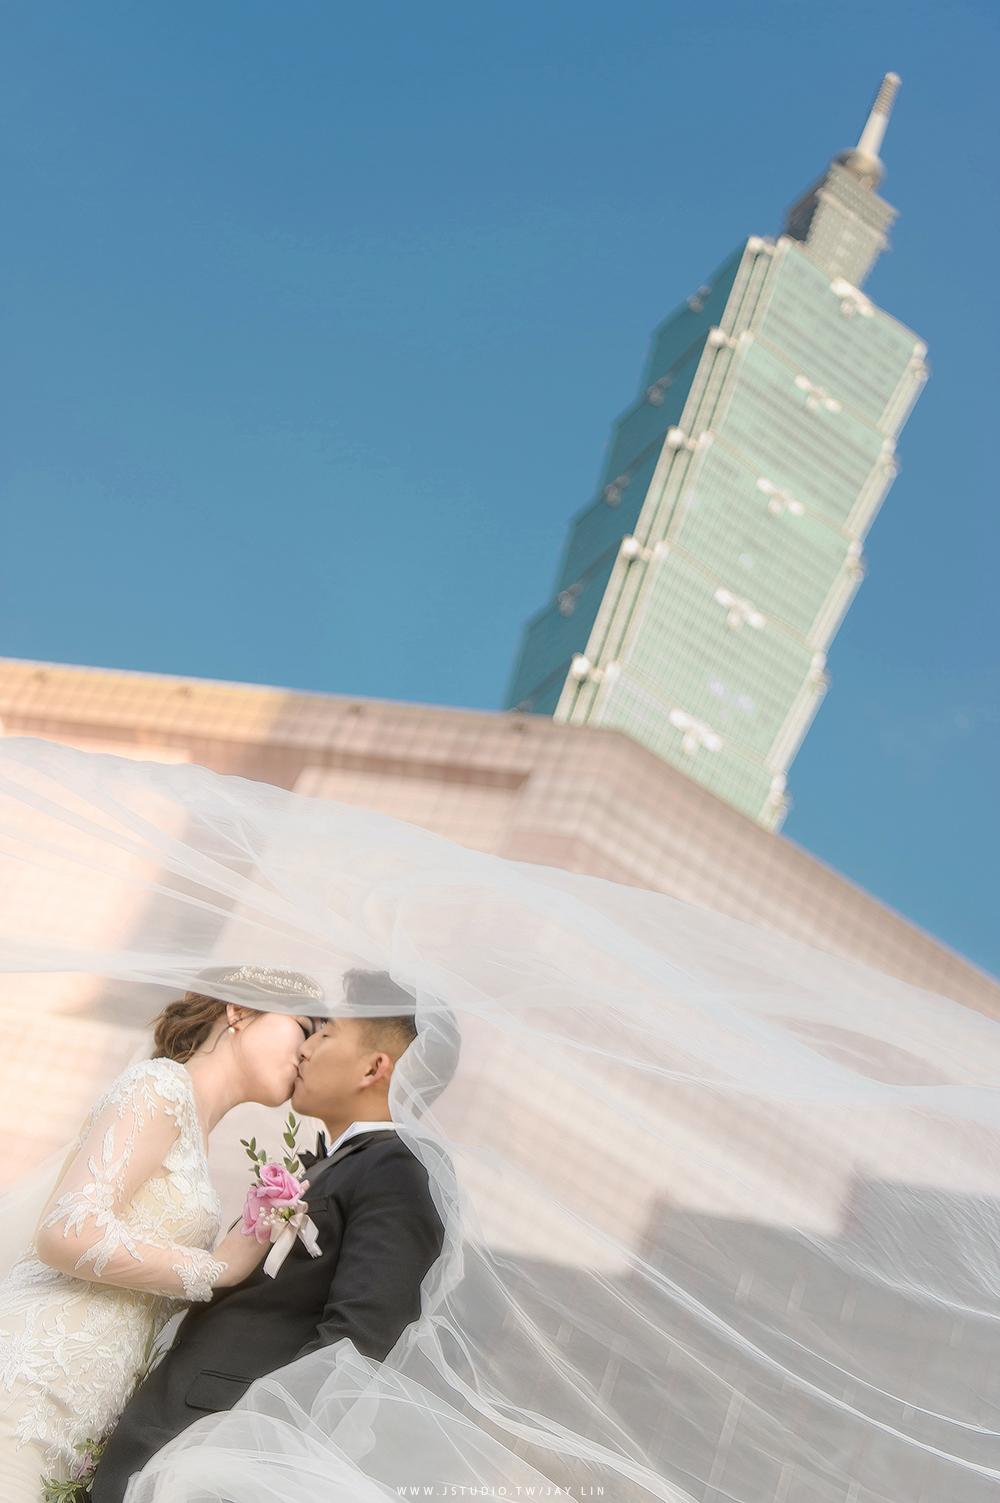 婚攝 台北婚攝 婚禮紀錄 婚攝 推薦婚攝 世貿三三 JSTUDIO_0055